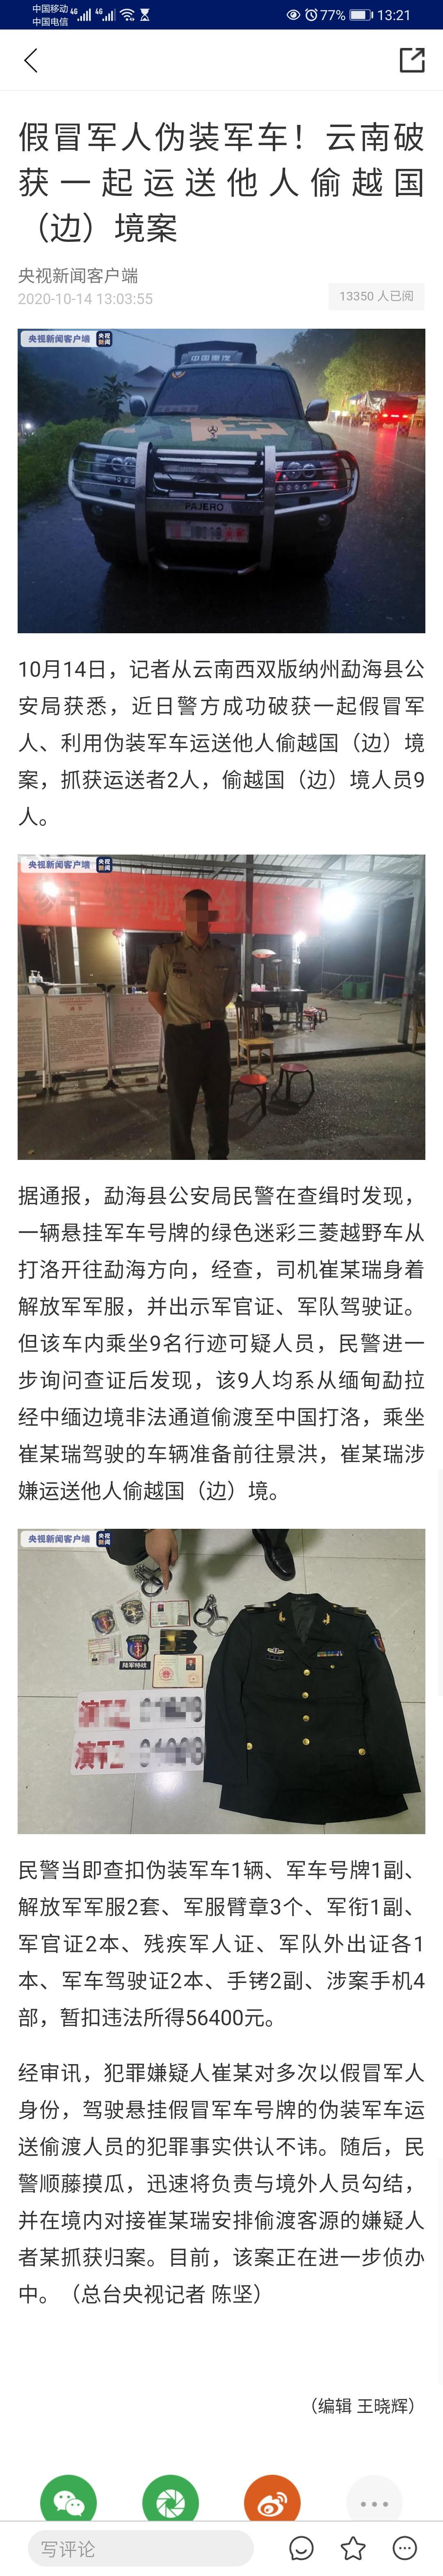 10月14日,记者从云南西双版纳州勐海县公安局获悉